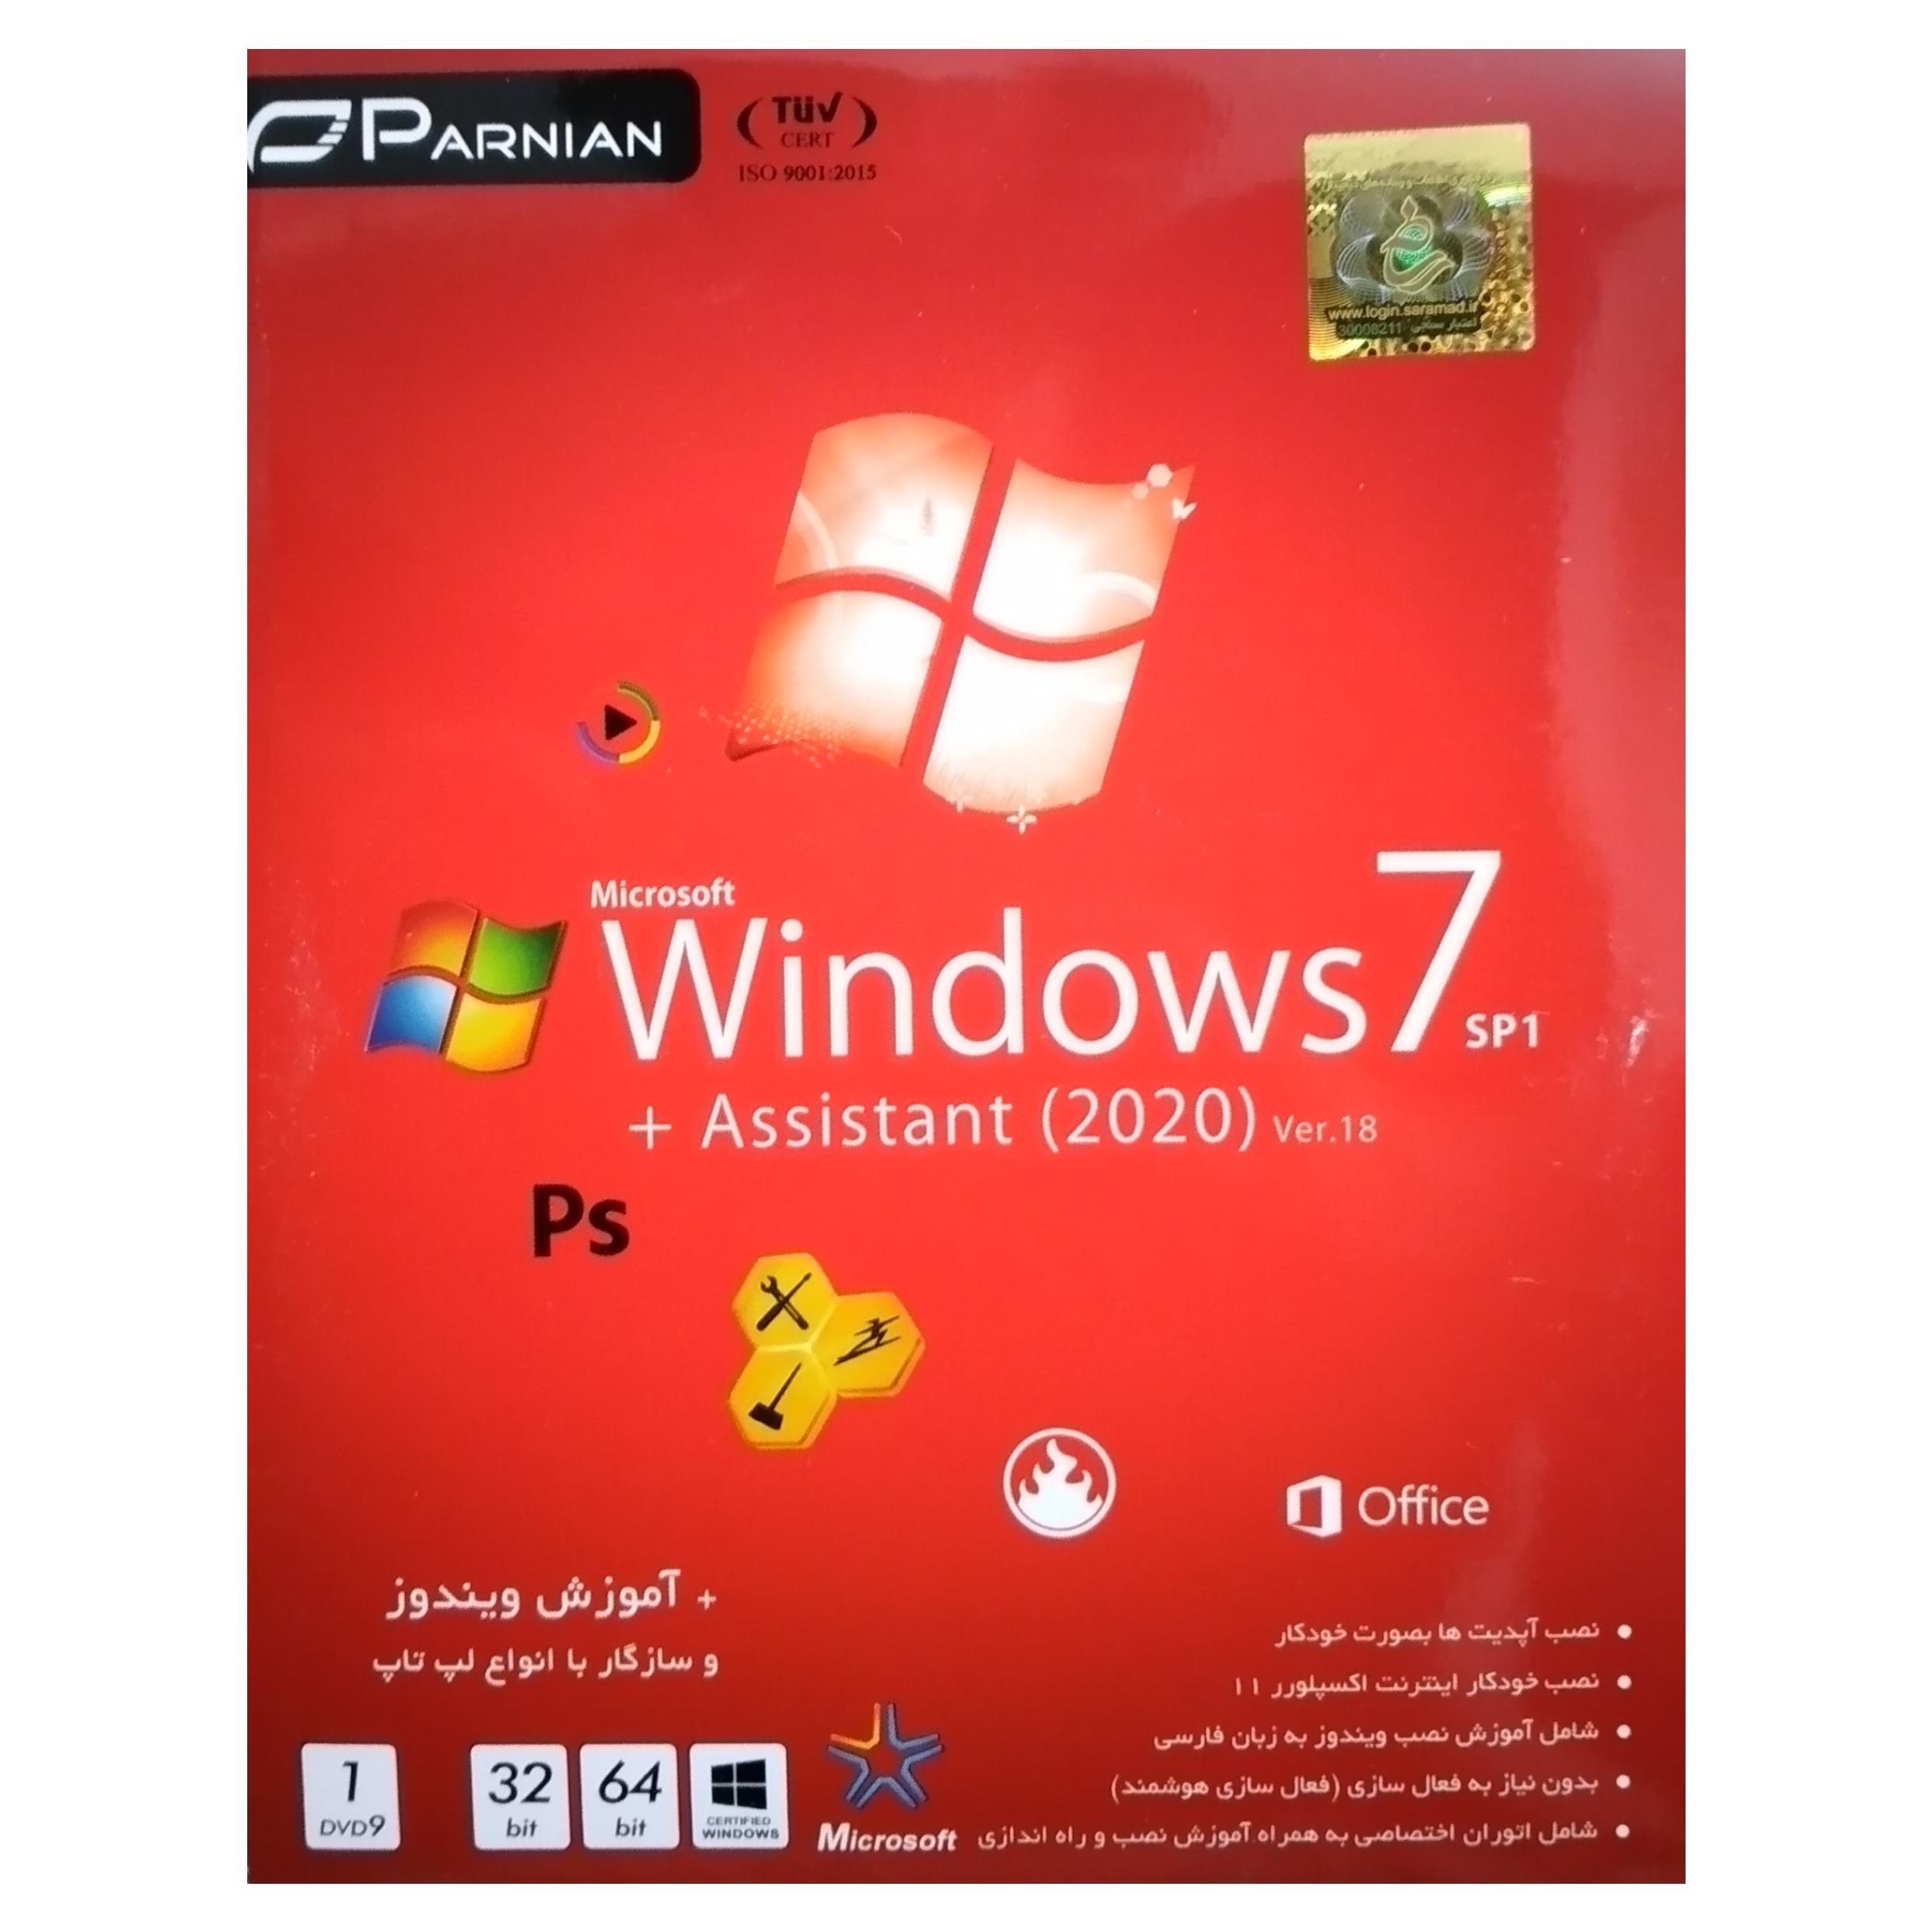 سیستم عامل Windows 7 نسخه 2020 SP1 + Assistant Ver.18 نشر پرنیان